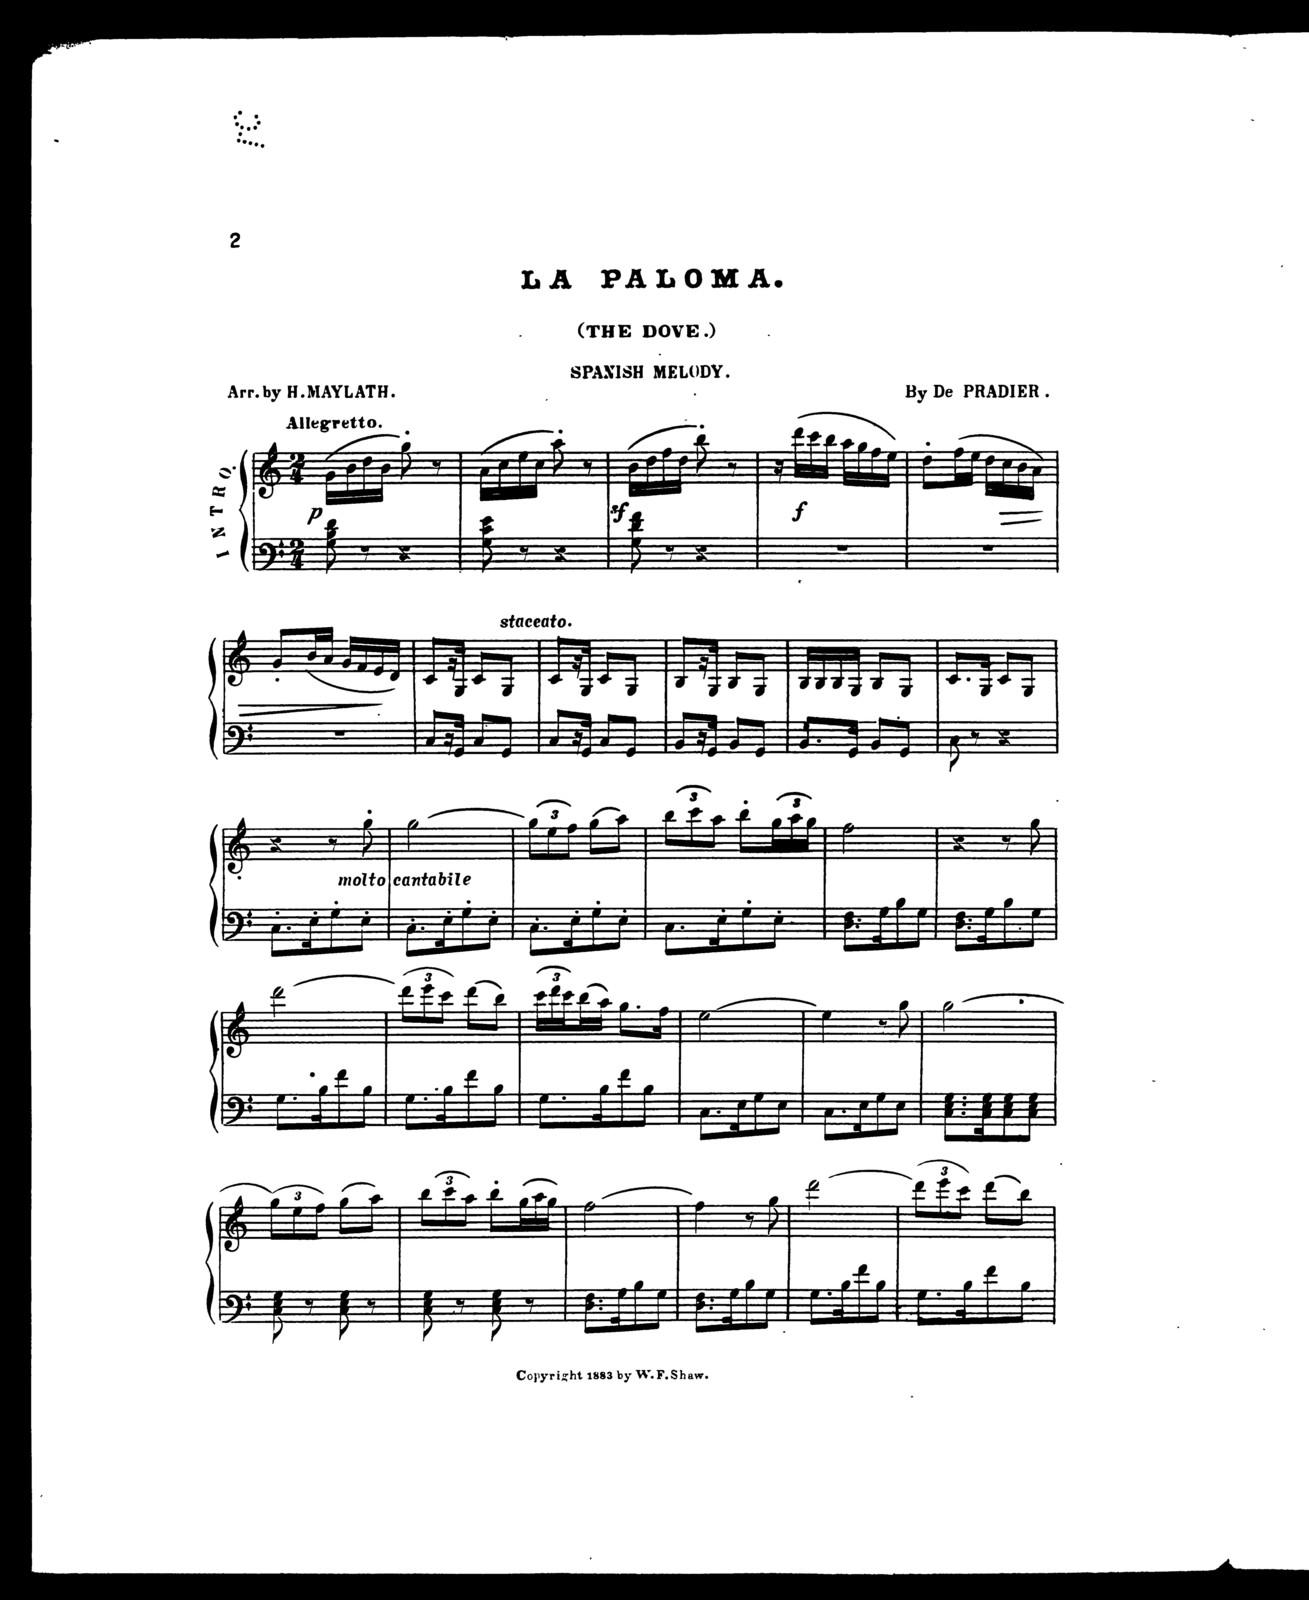 Paloma, La; Spanish melody